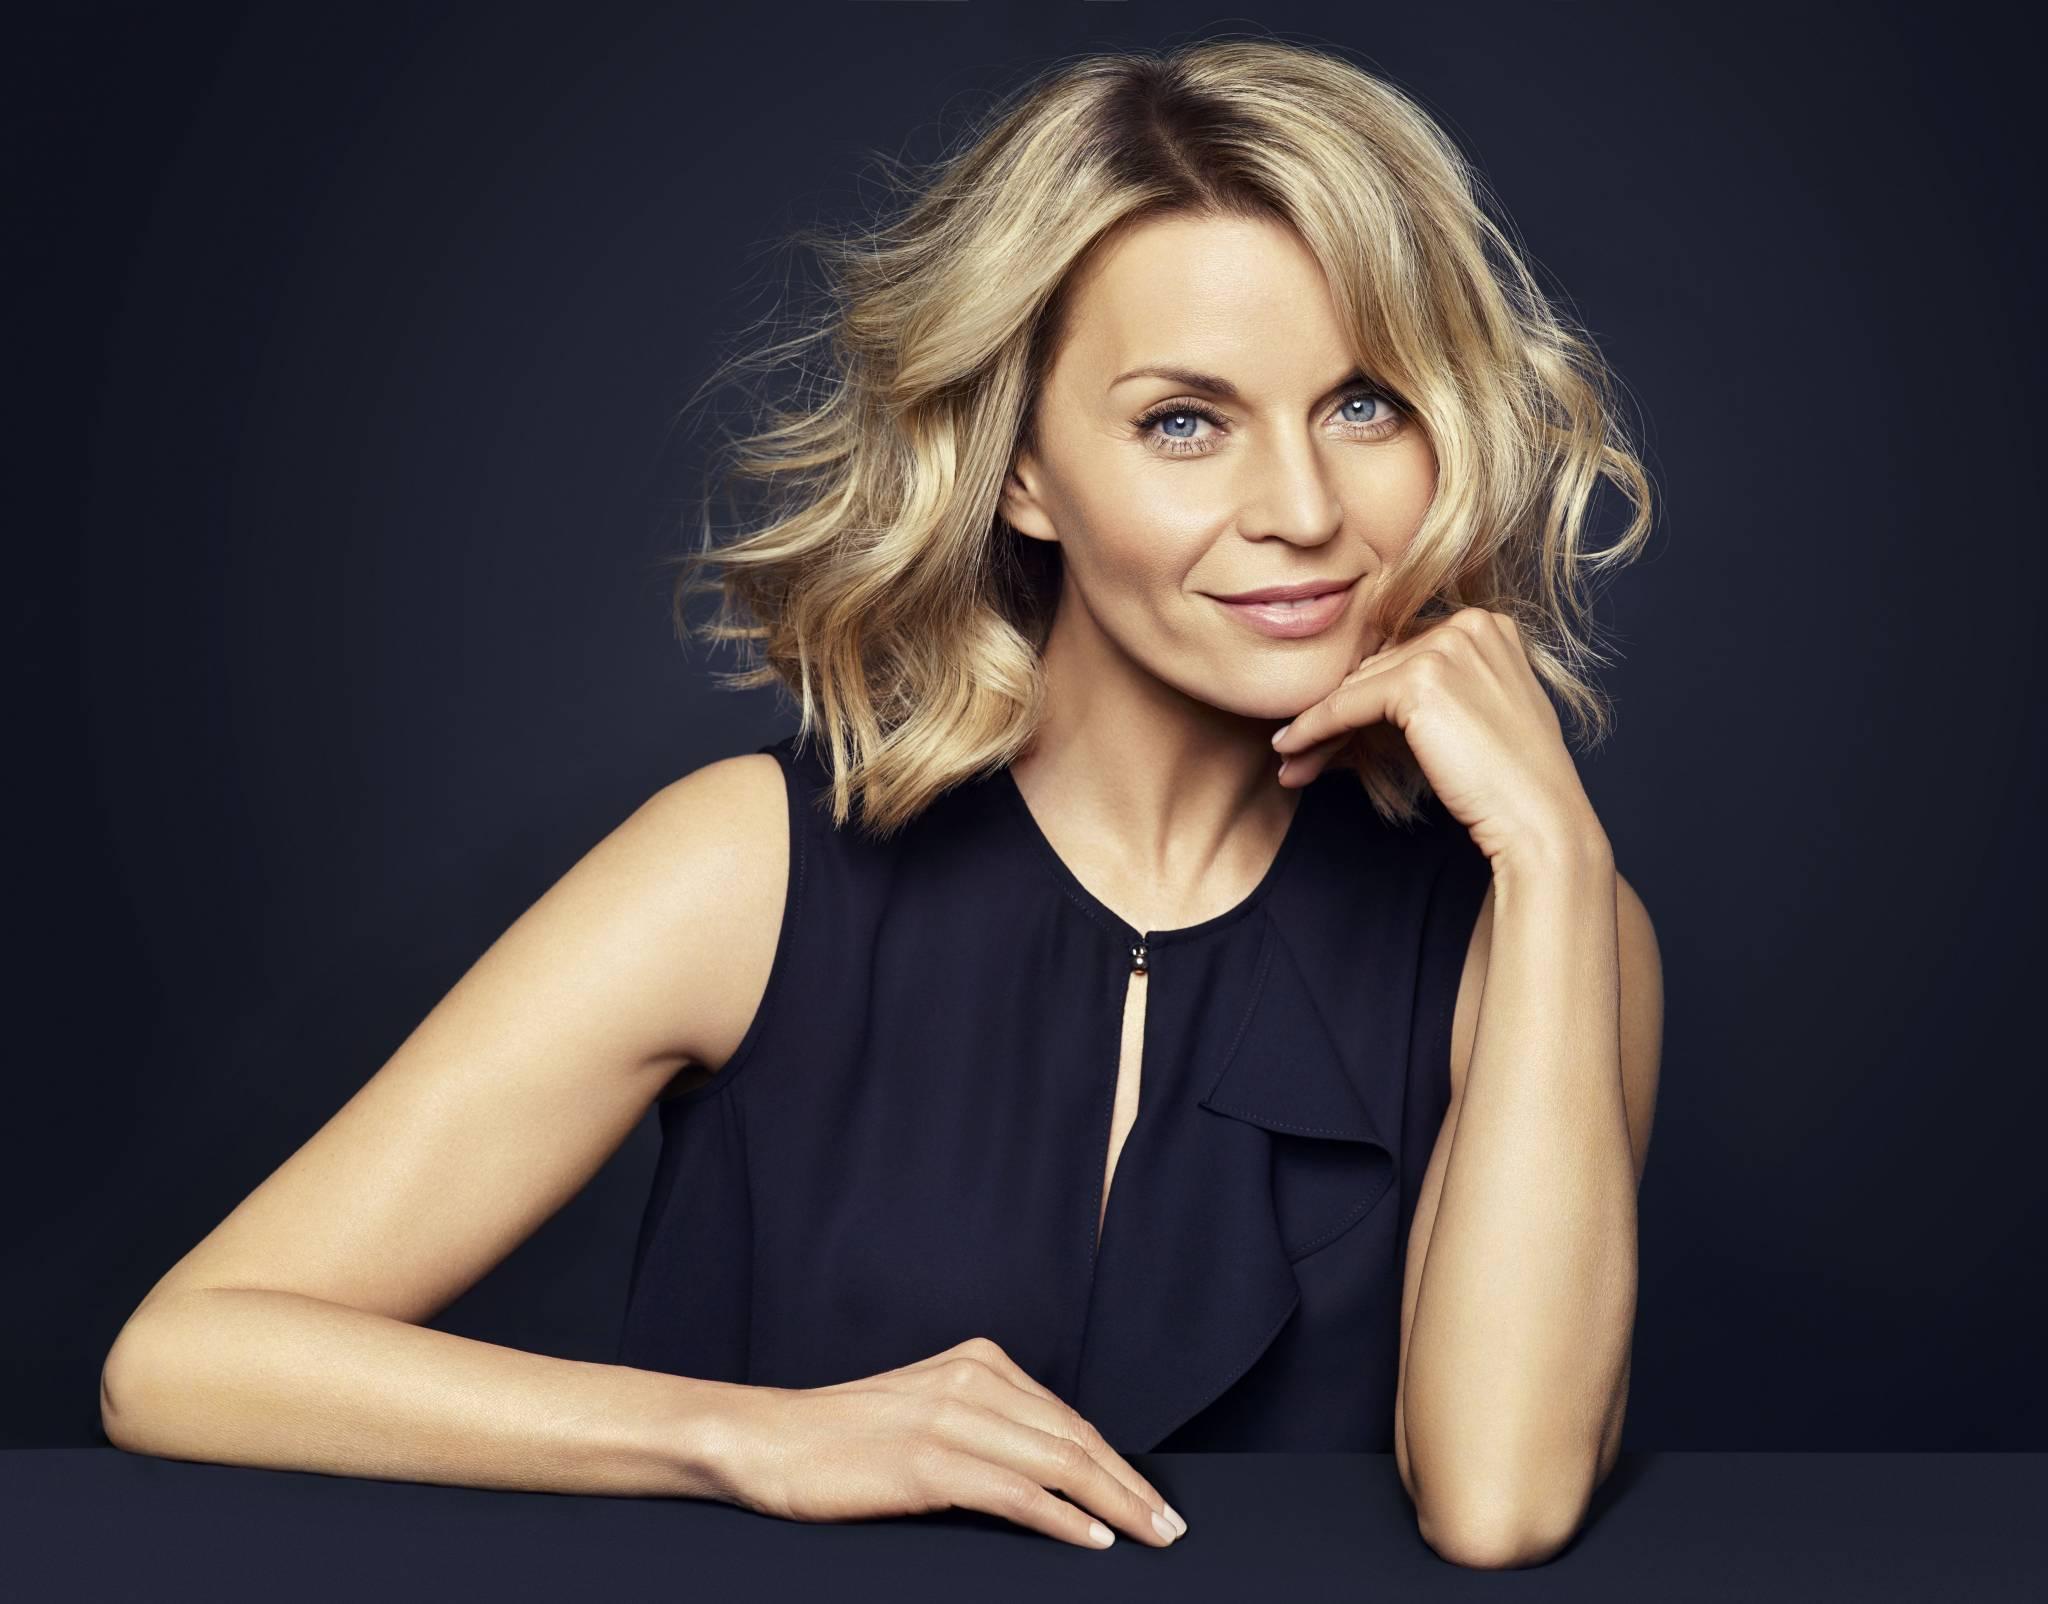 Małgorzata Foremniak ambasadorką marki Bielenda